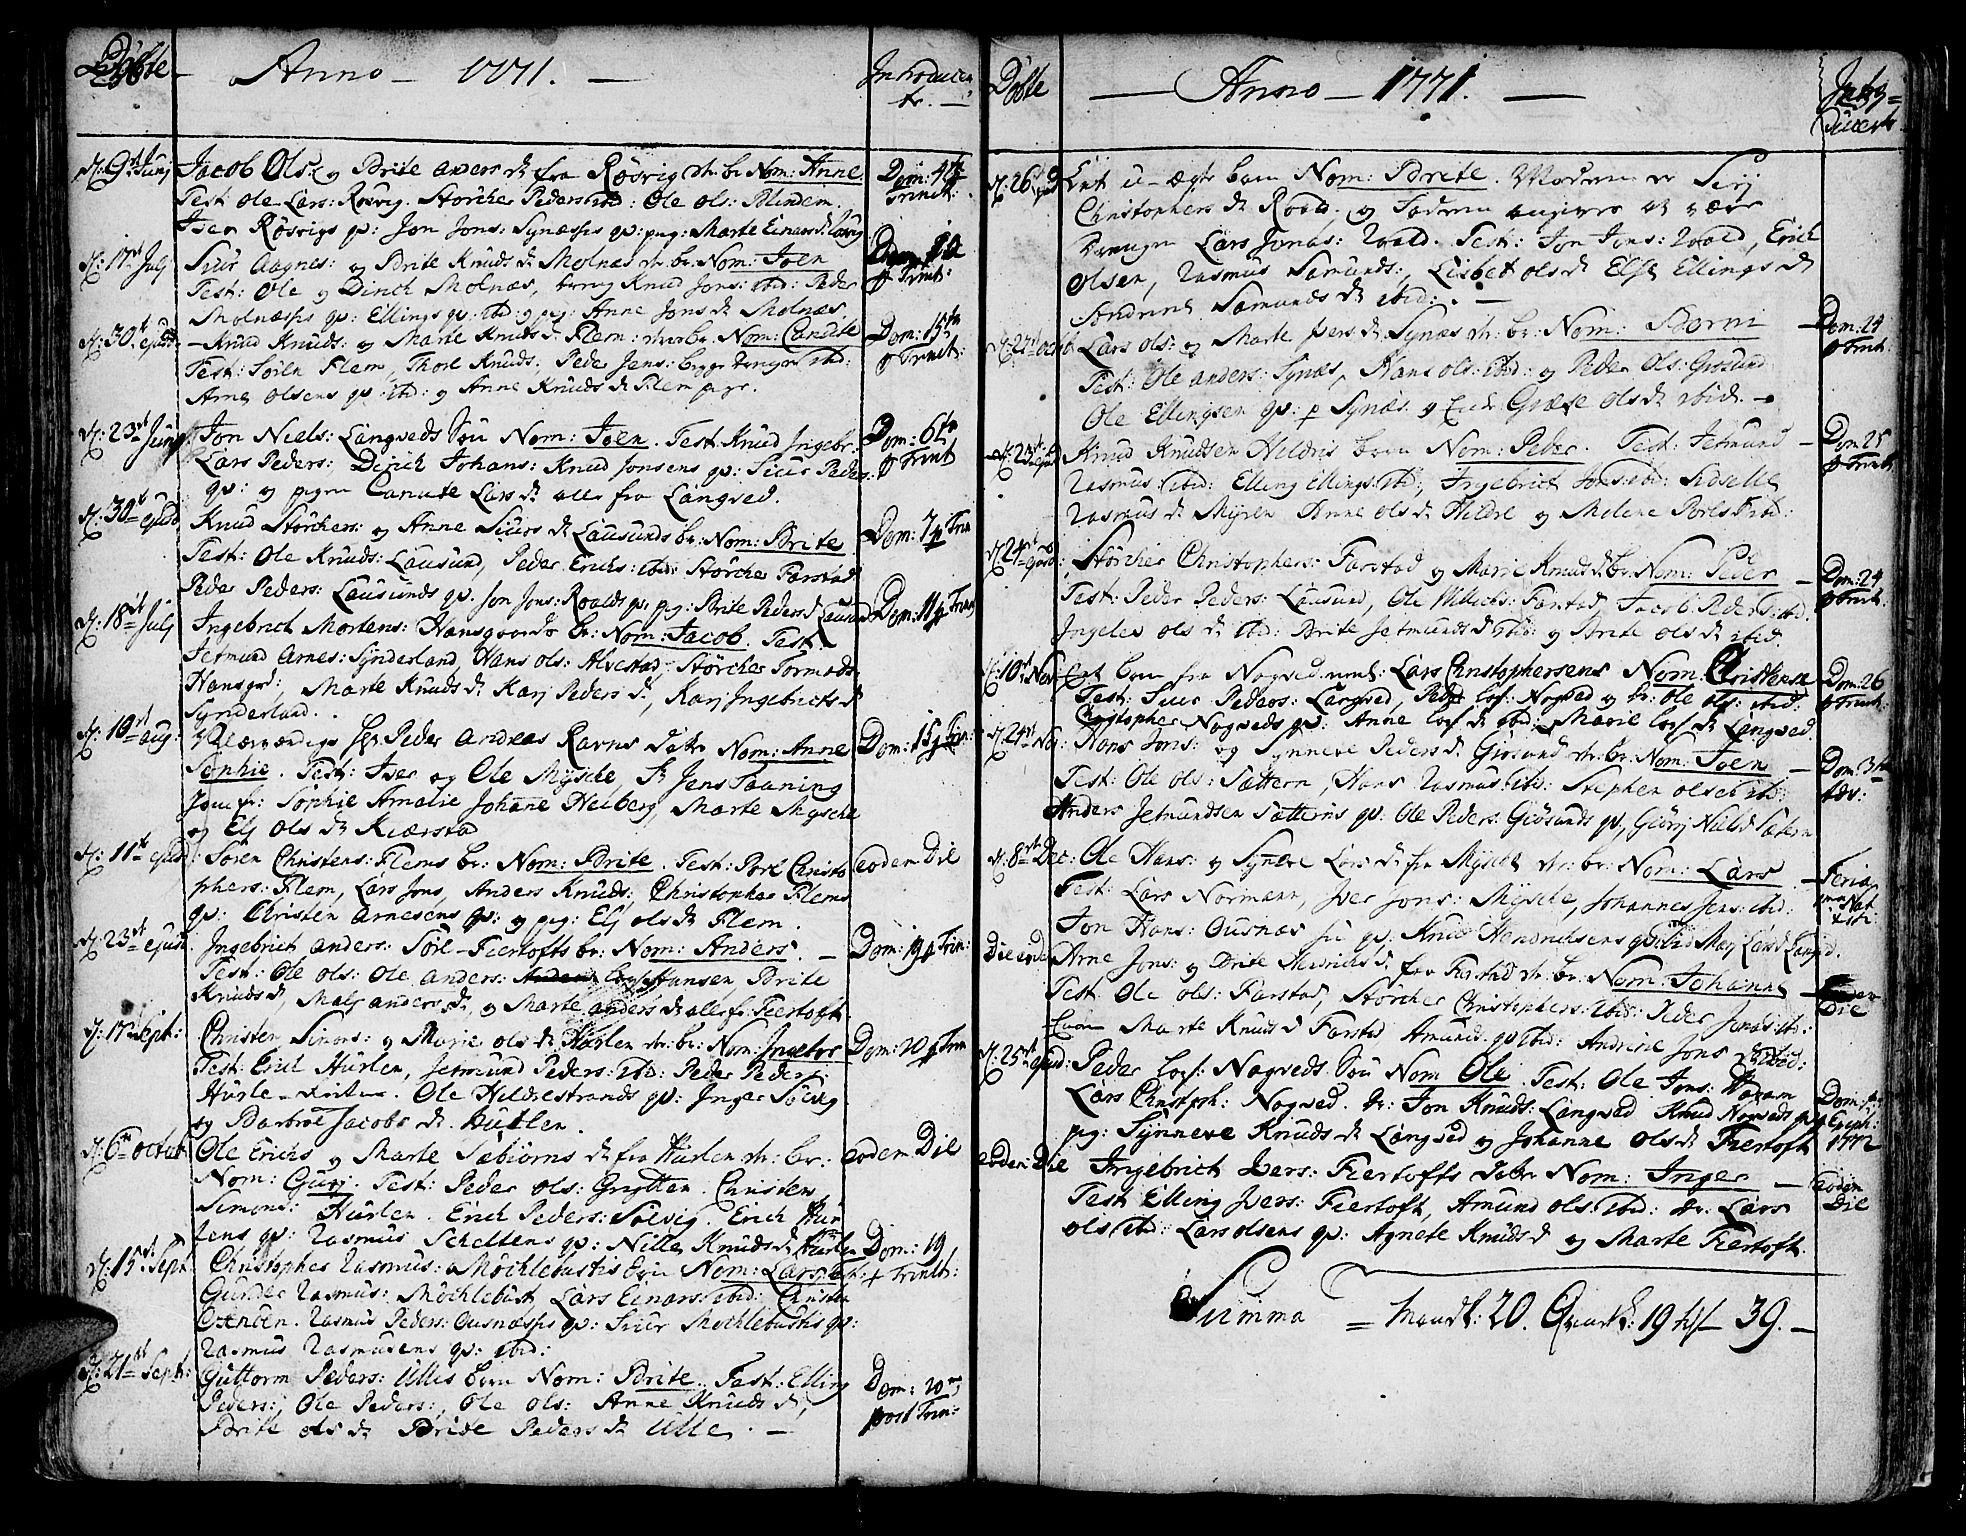 SAT, Ministerialprotokoller, klokkerbøker og fødselsregistre - Møre og Romsdal, 536/L0493: Ministerialbok nr. 536A02, 1739-1802, s. 236-237